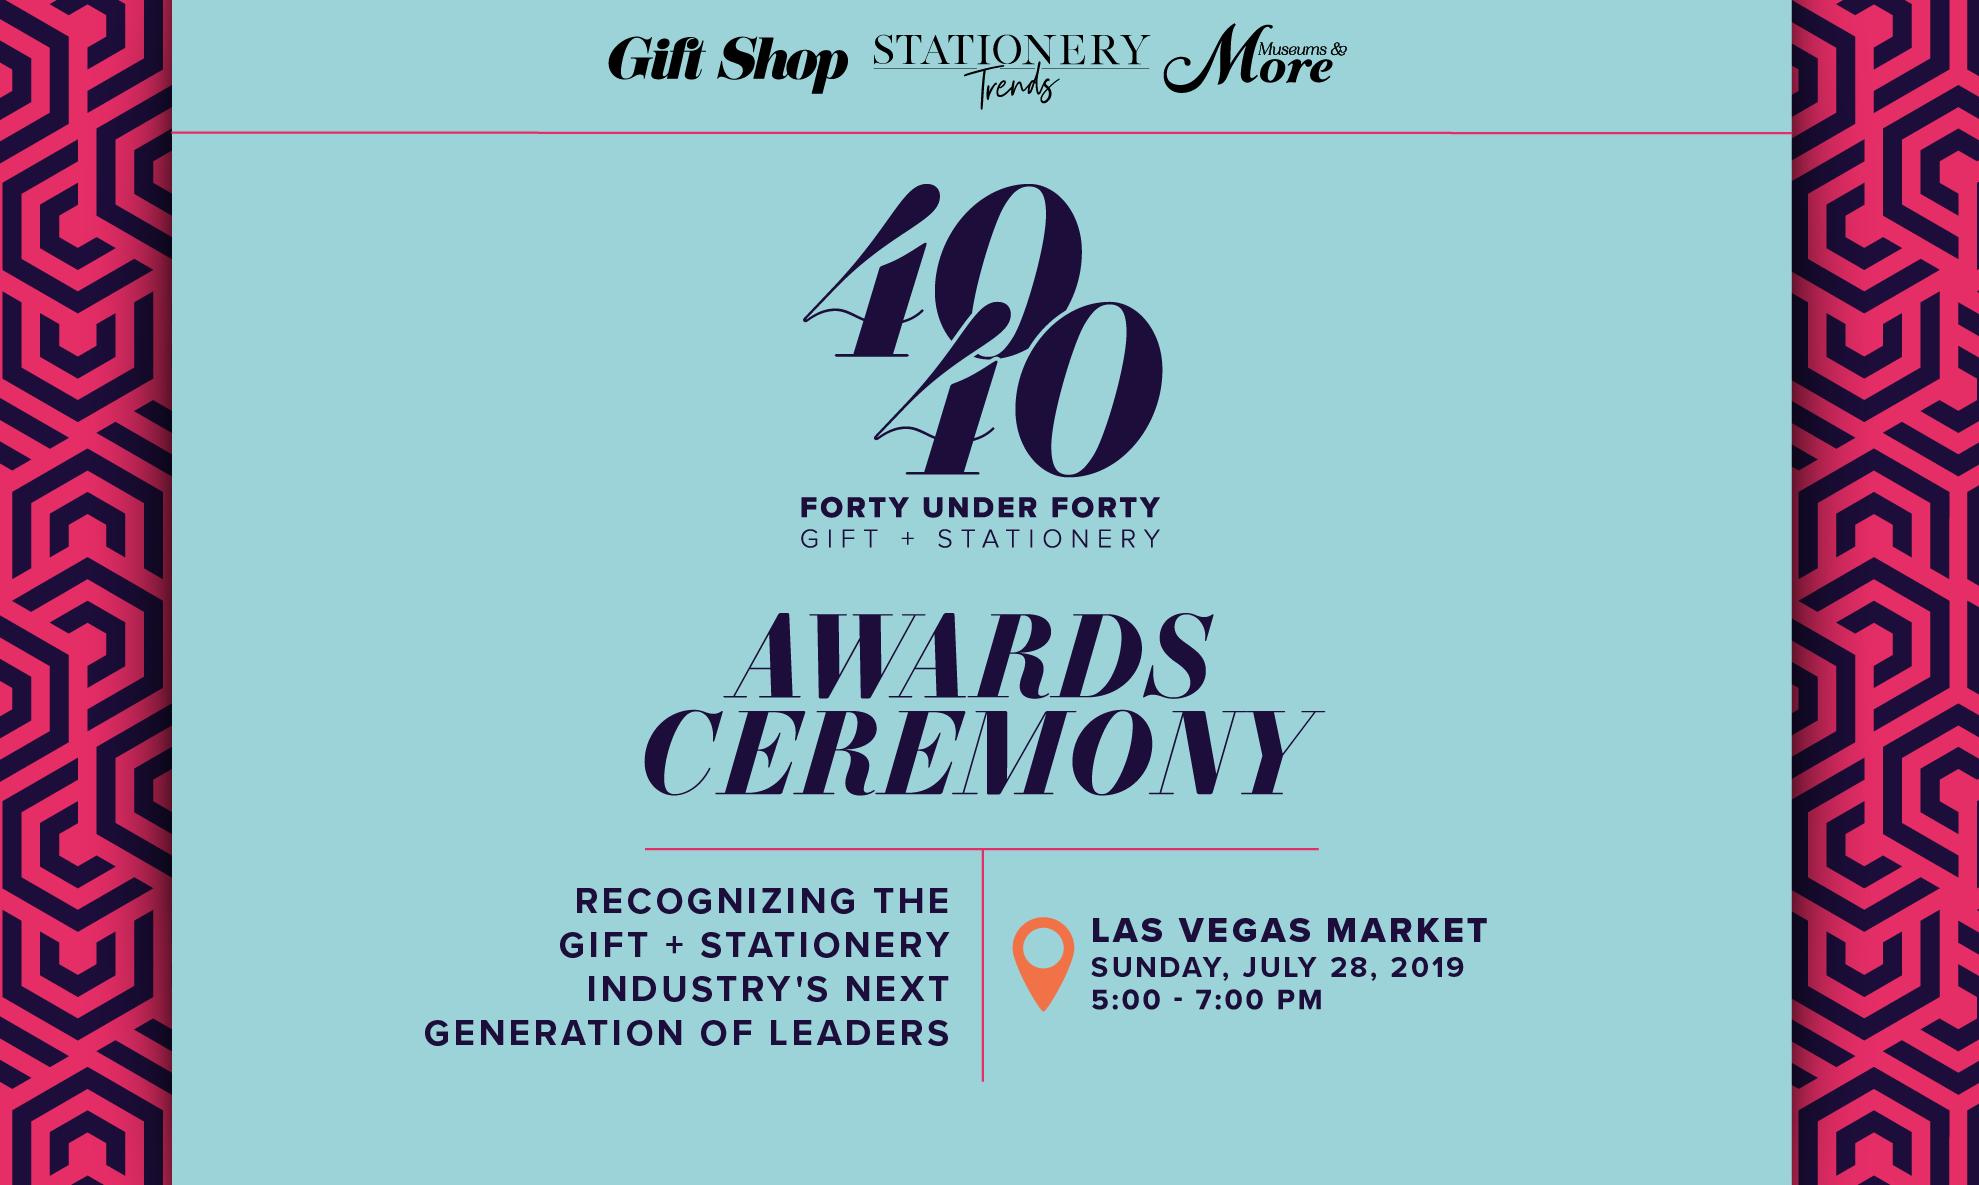 Gift + Stationery 40 Under 40 Awards Ceremony